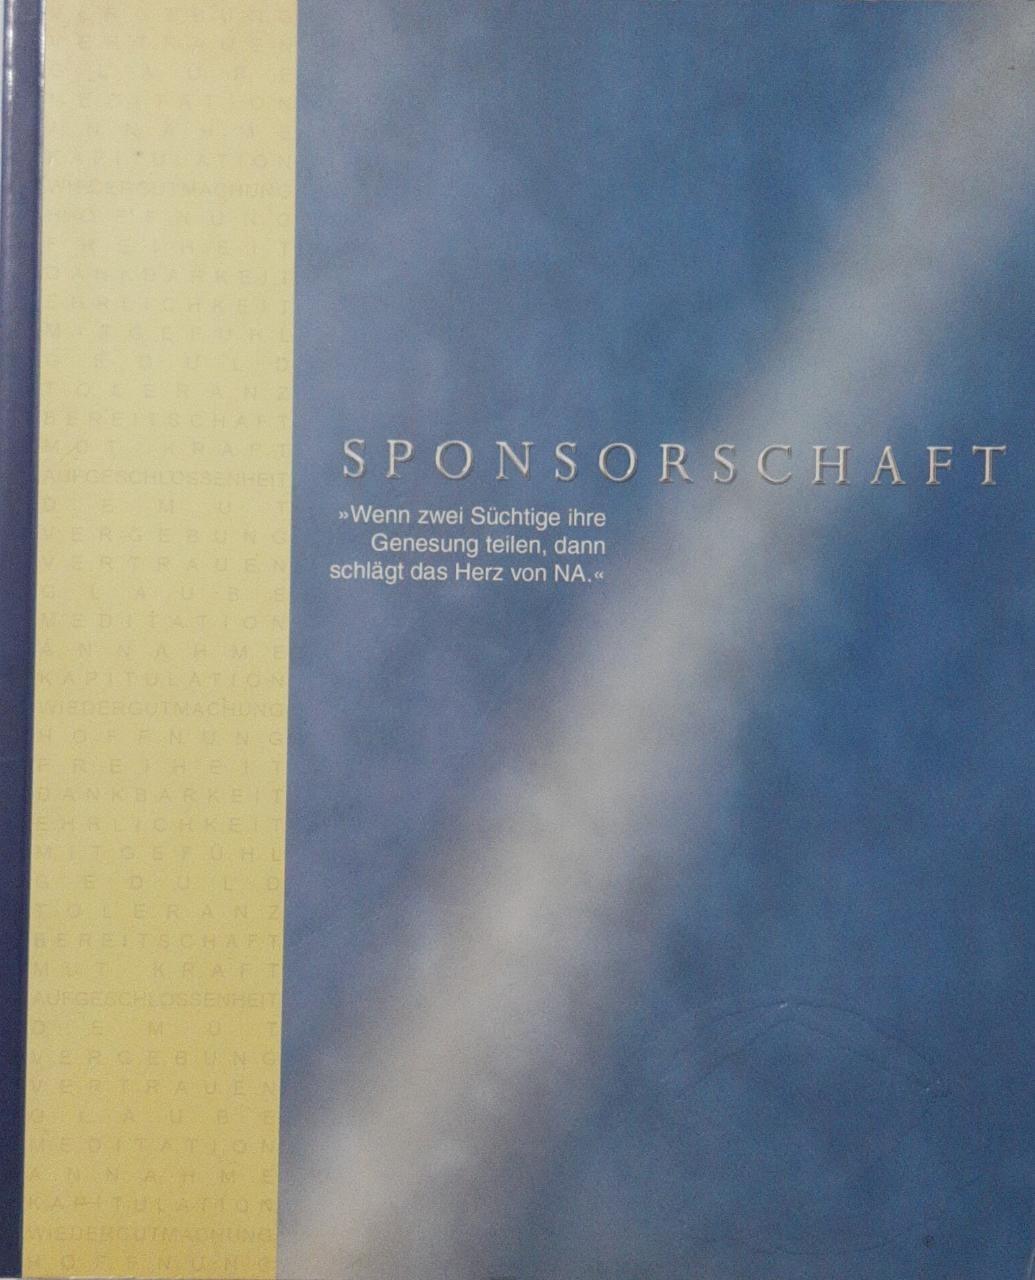 SPONSORSCHART GE-1130